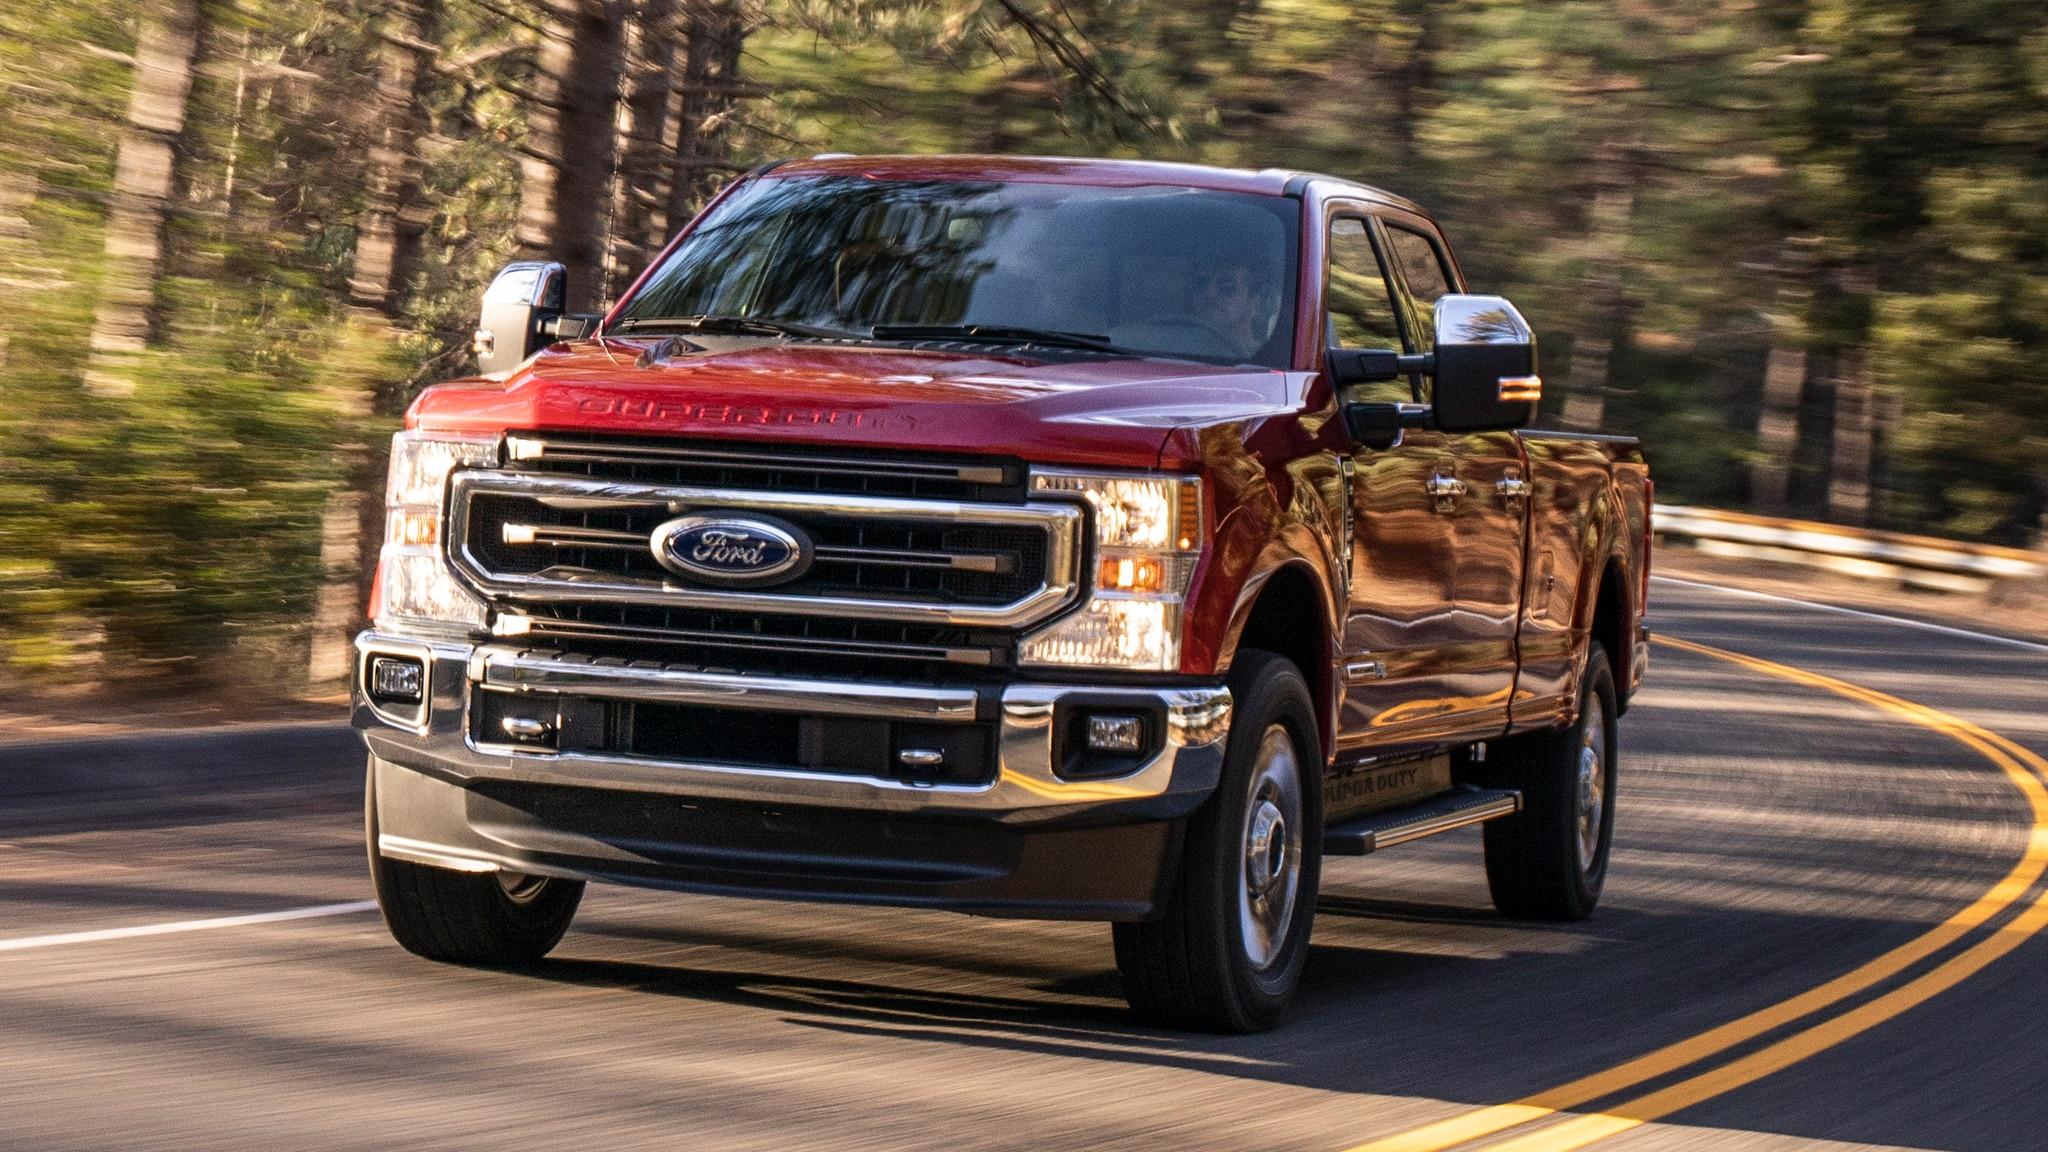 www.automobilemag.com